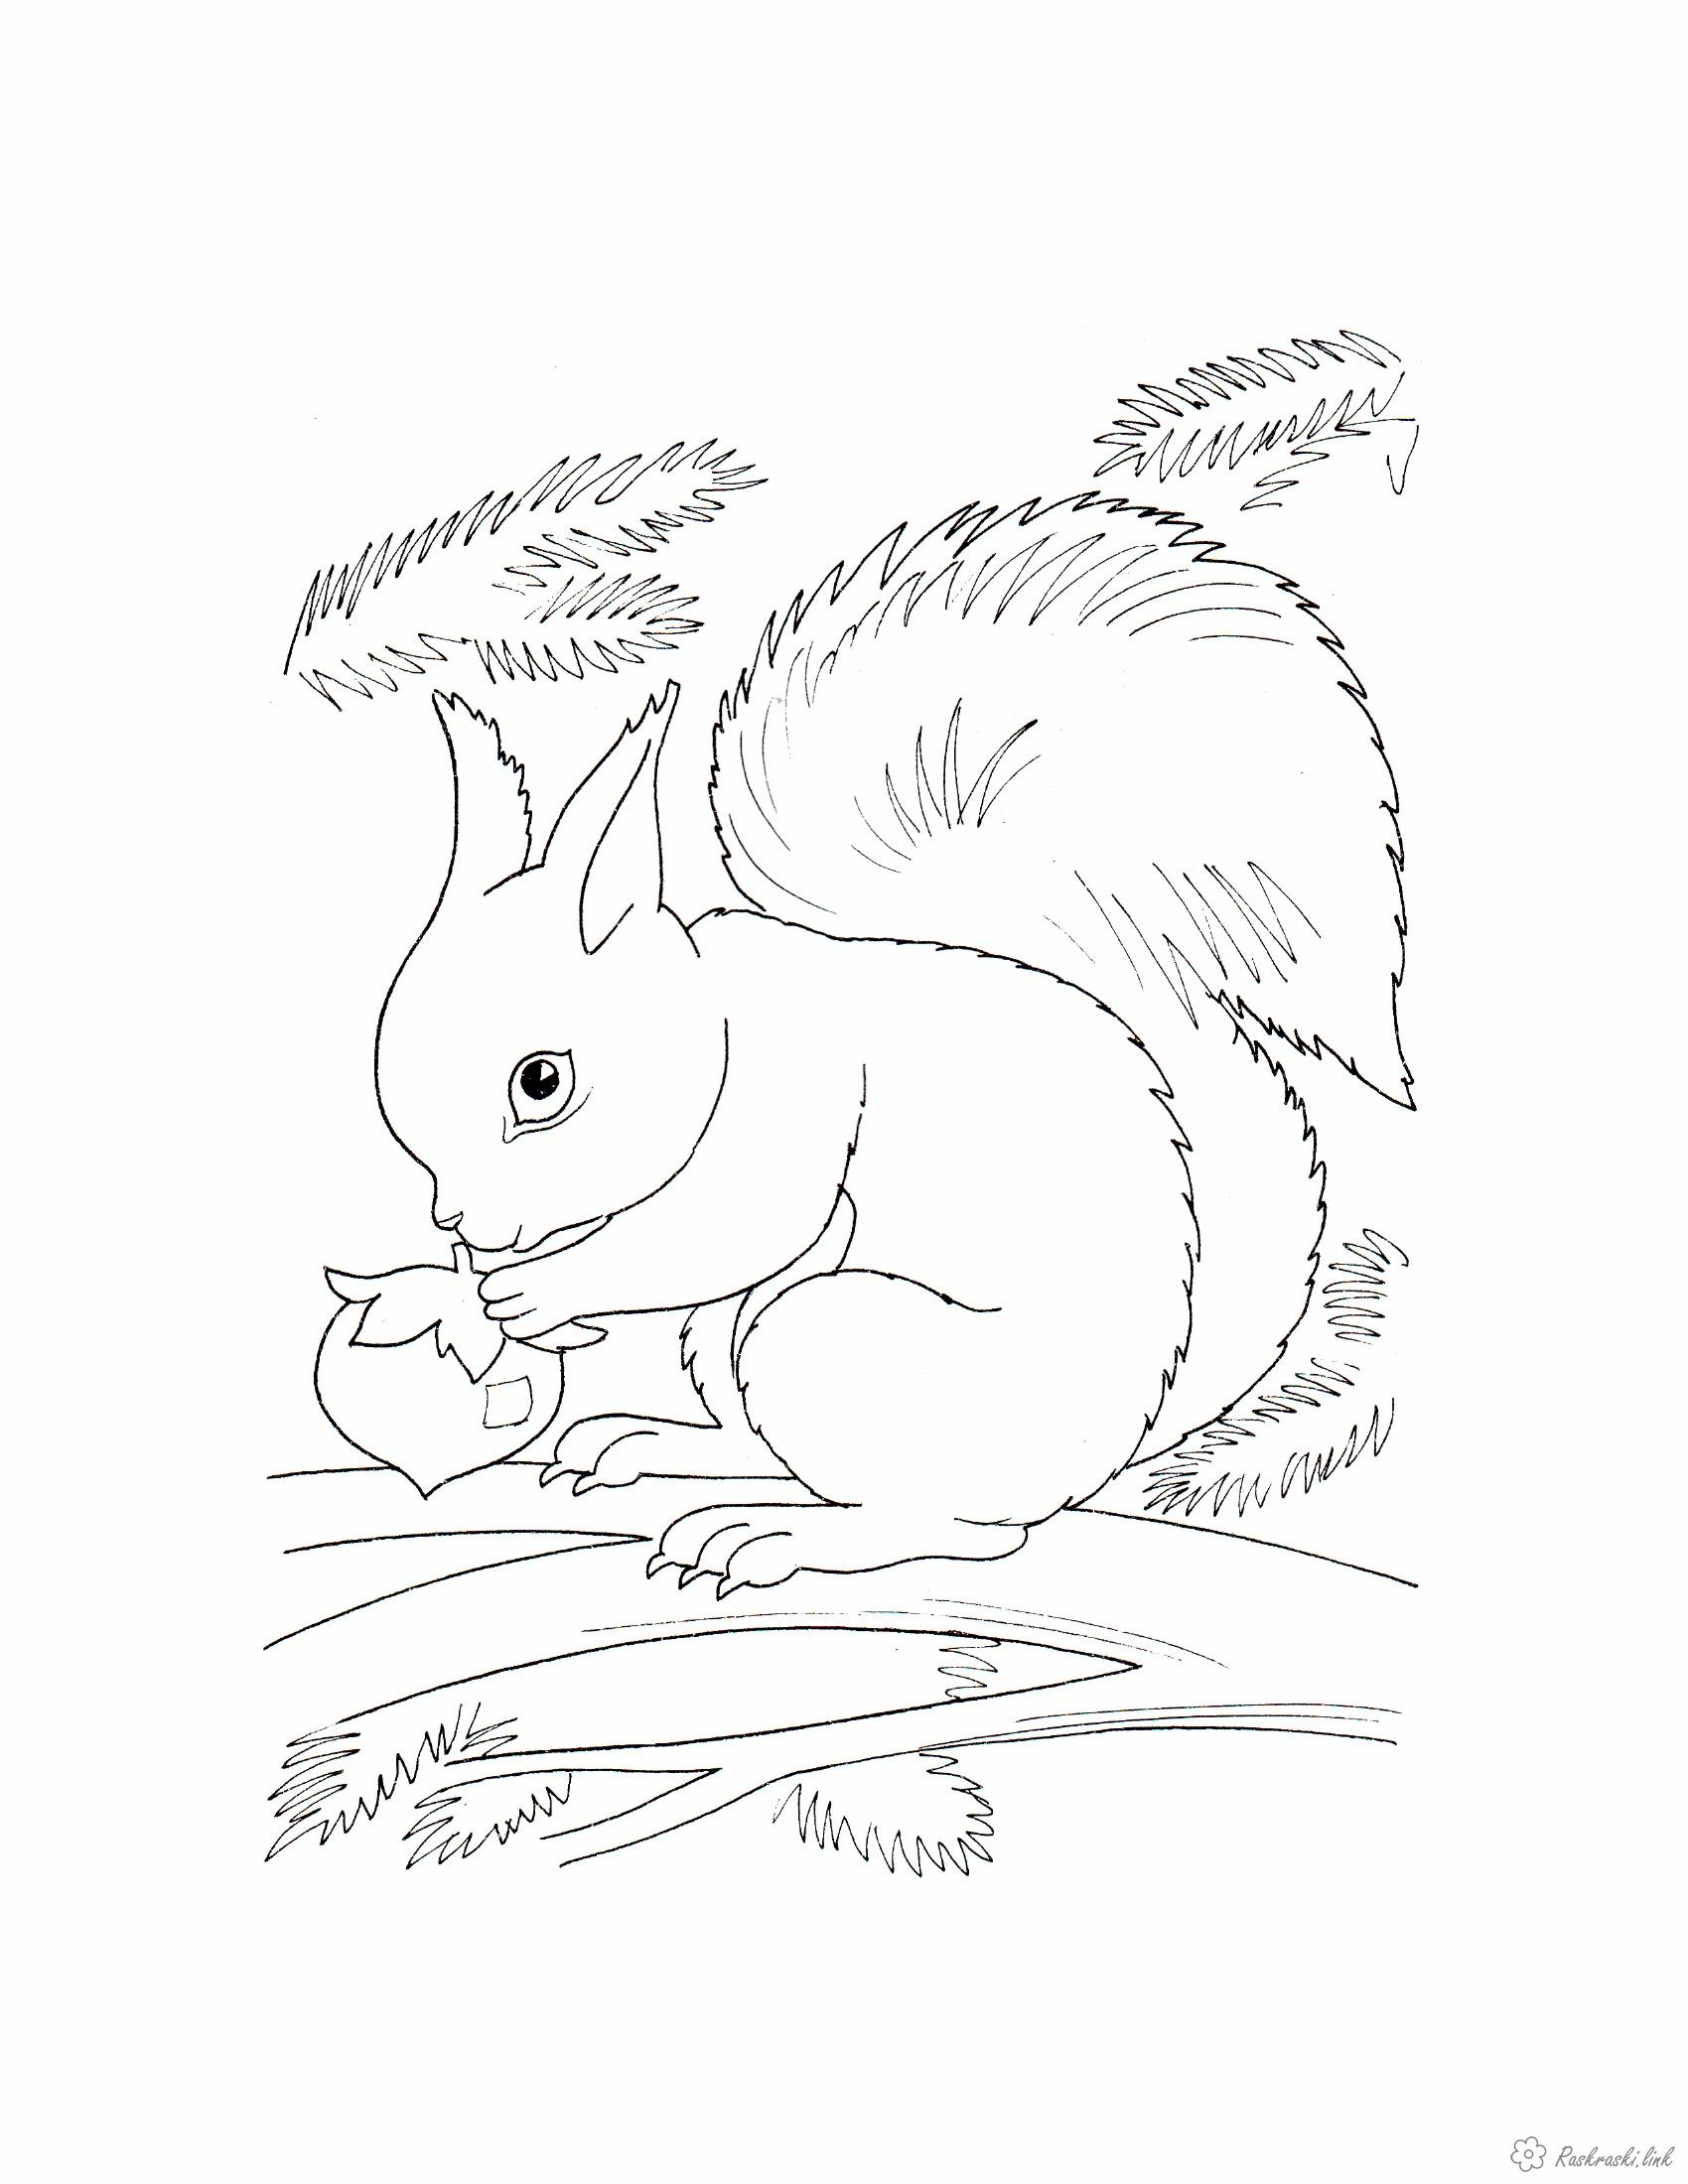 Розмальовки білочка Розмальовка тварини, дикі тварини, білочка, розфарбування білочка, білочка гризе горіх, білочка на д...